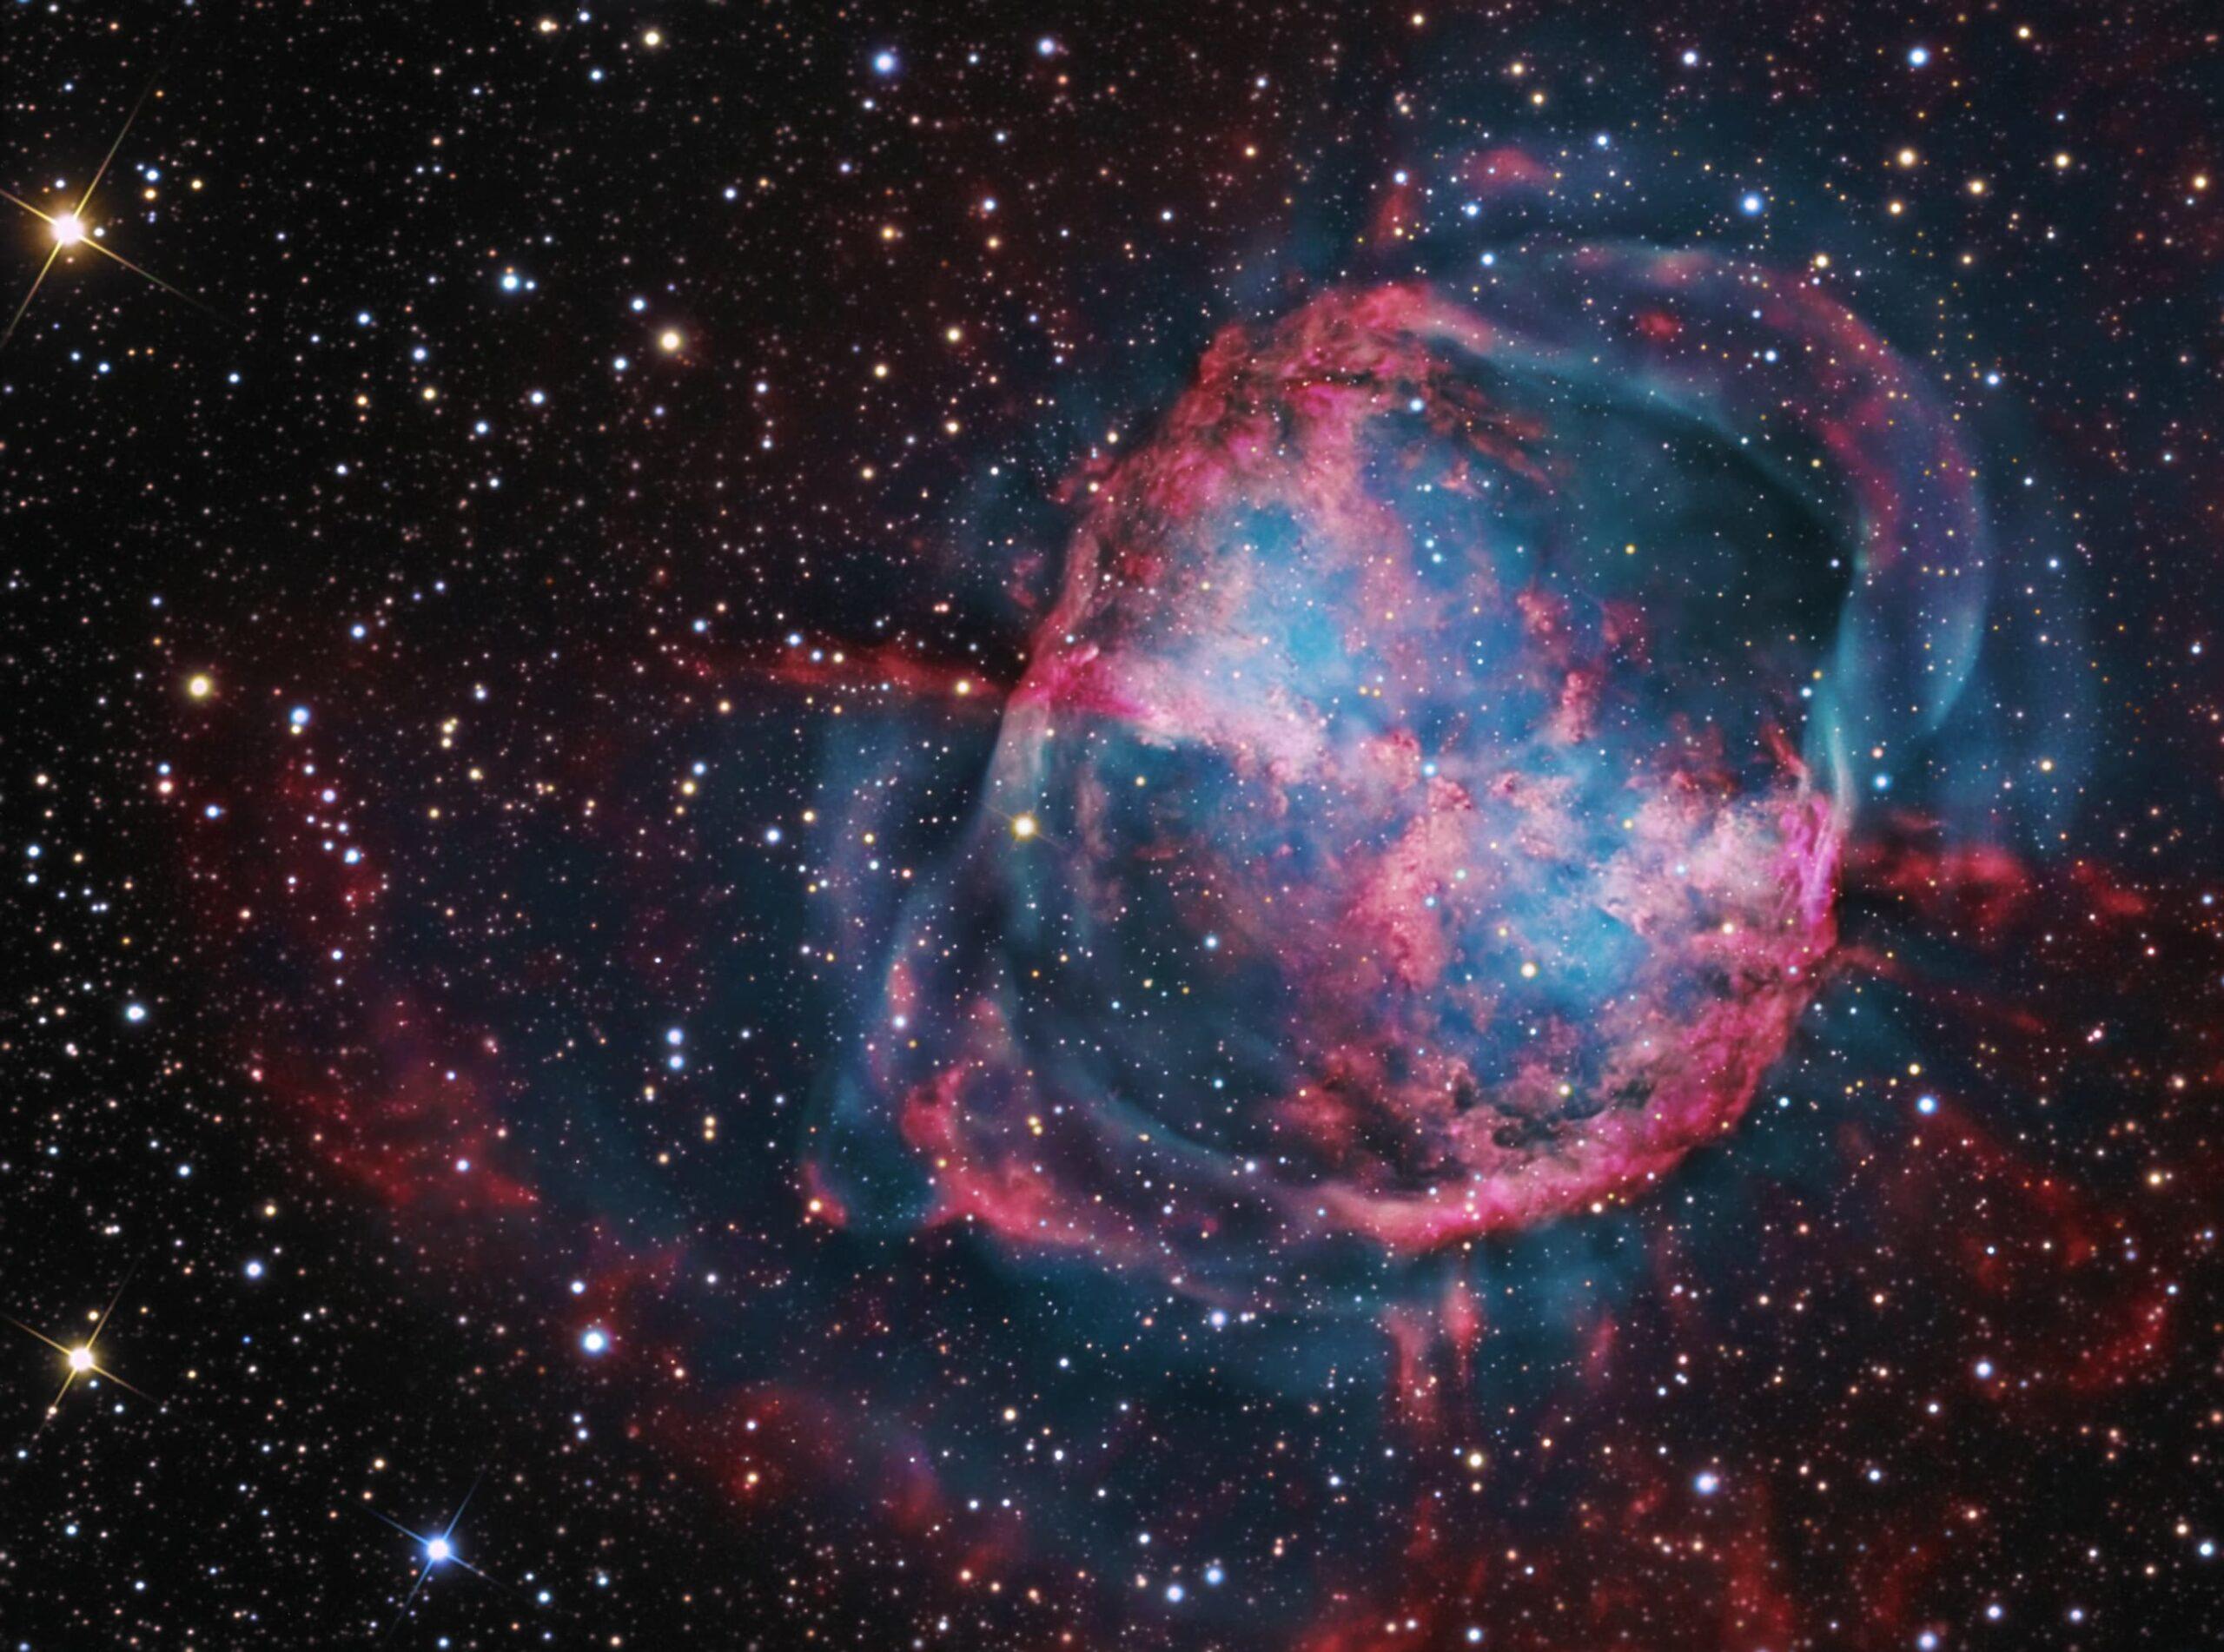 NGC 6853 (M27) The Dumbbell Nebula